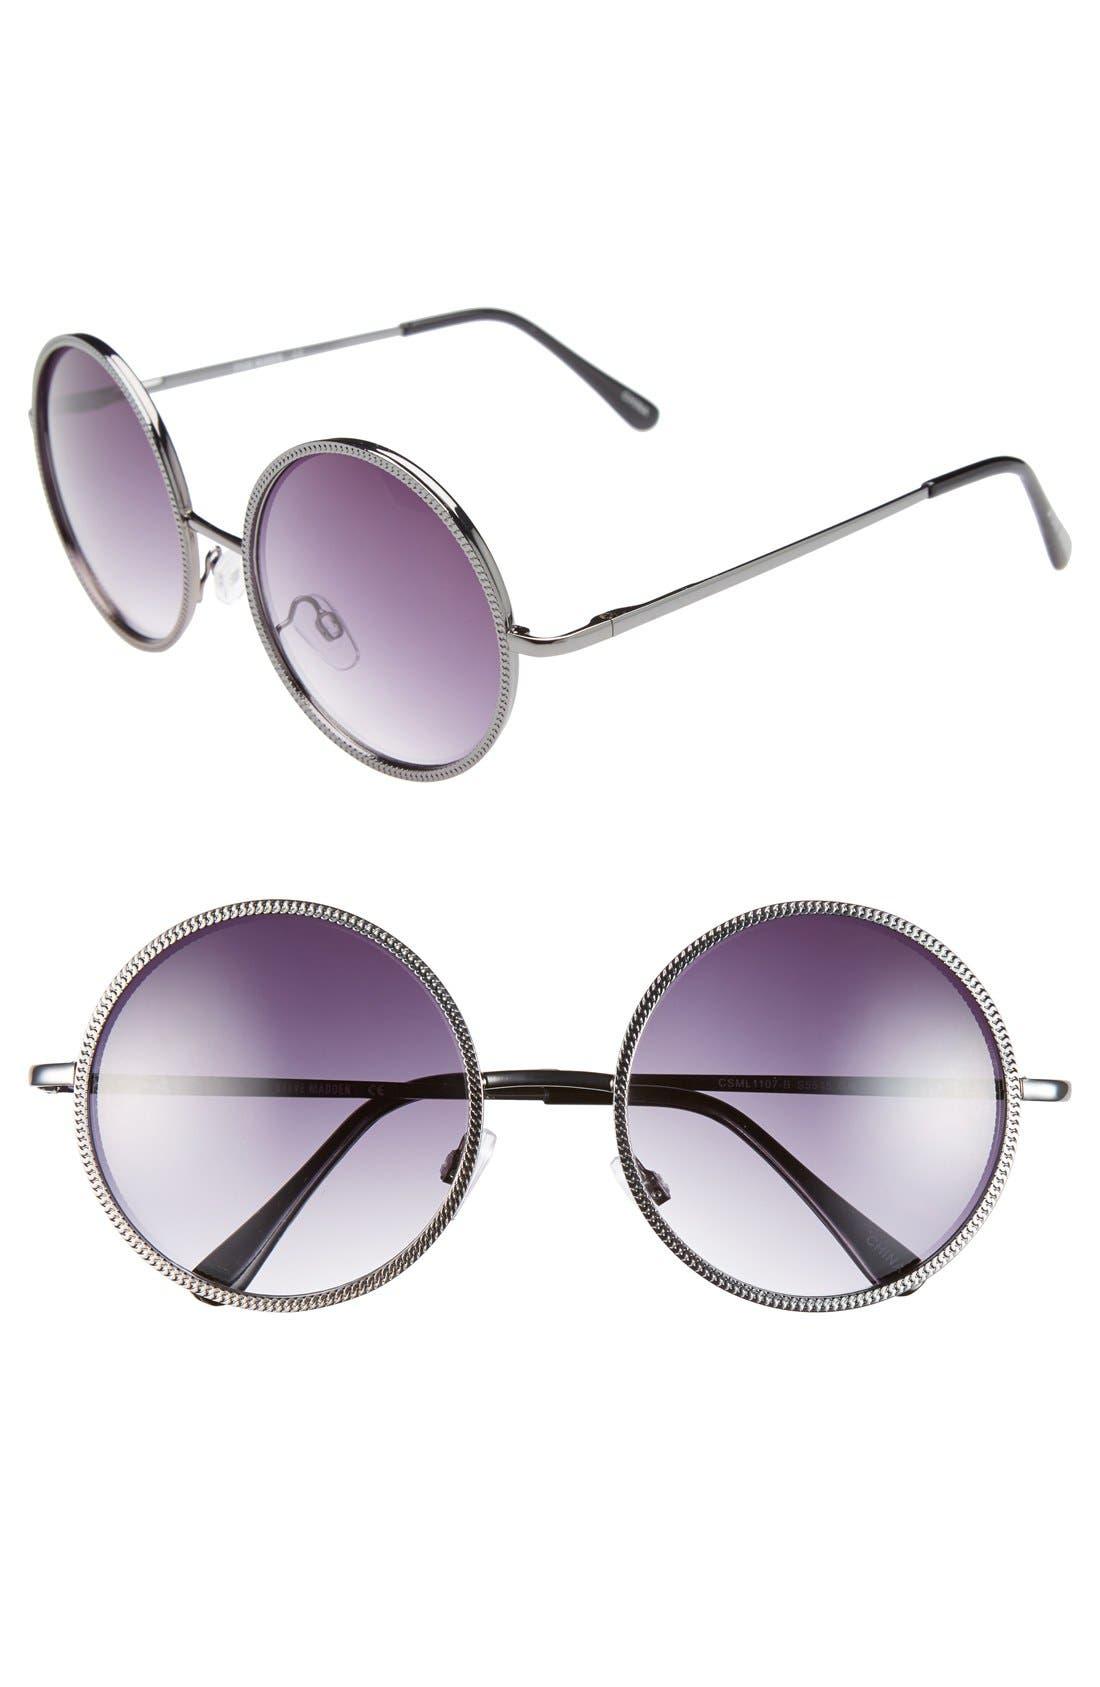 Alternate Image 1 Selected - Steve Madden 54mm Round Sunglasses